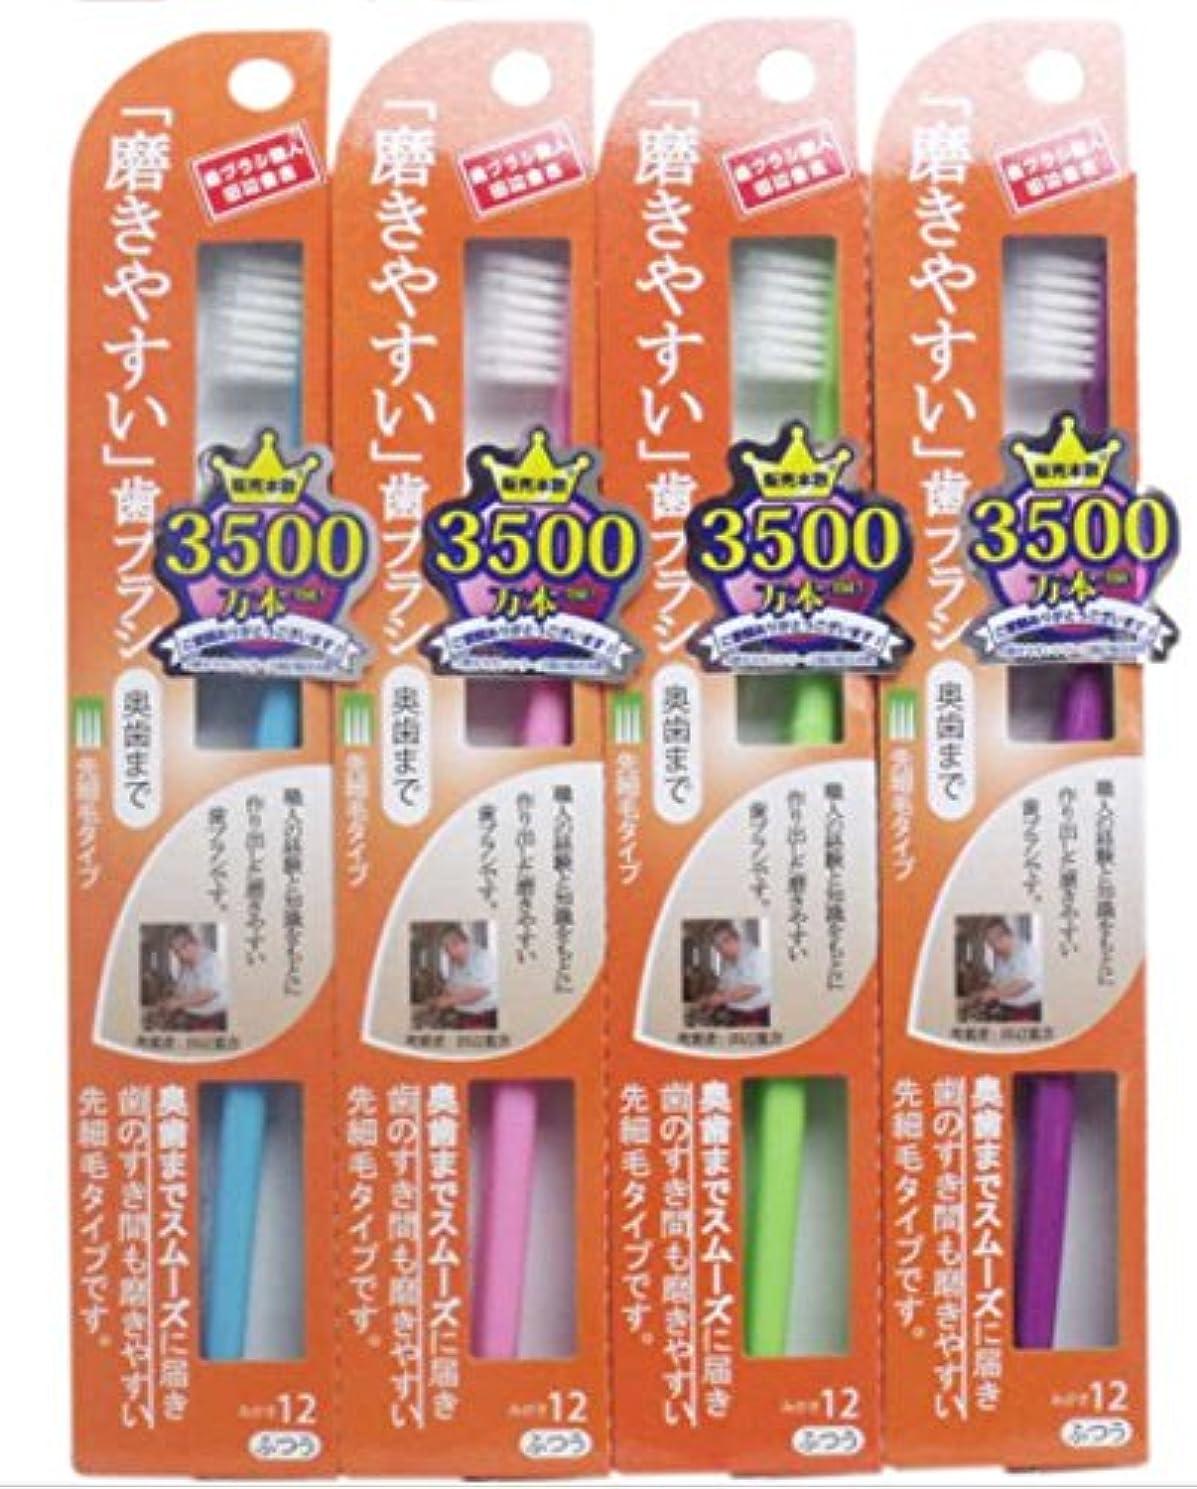 ジョブずんぐりしたライオネルグリーンストリートLT-12磨きやすい歯ブラシ先細 ライフレンジ